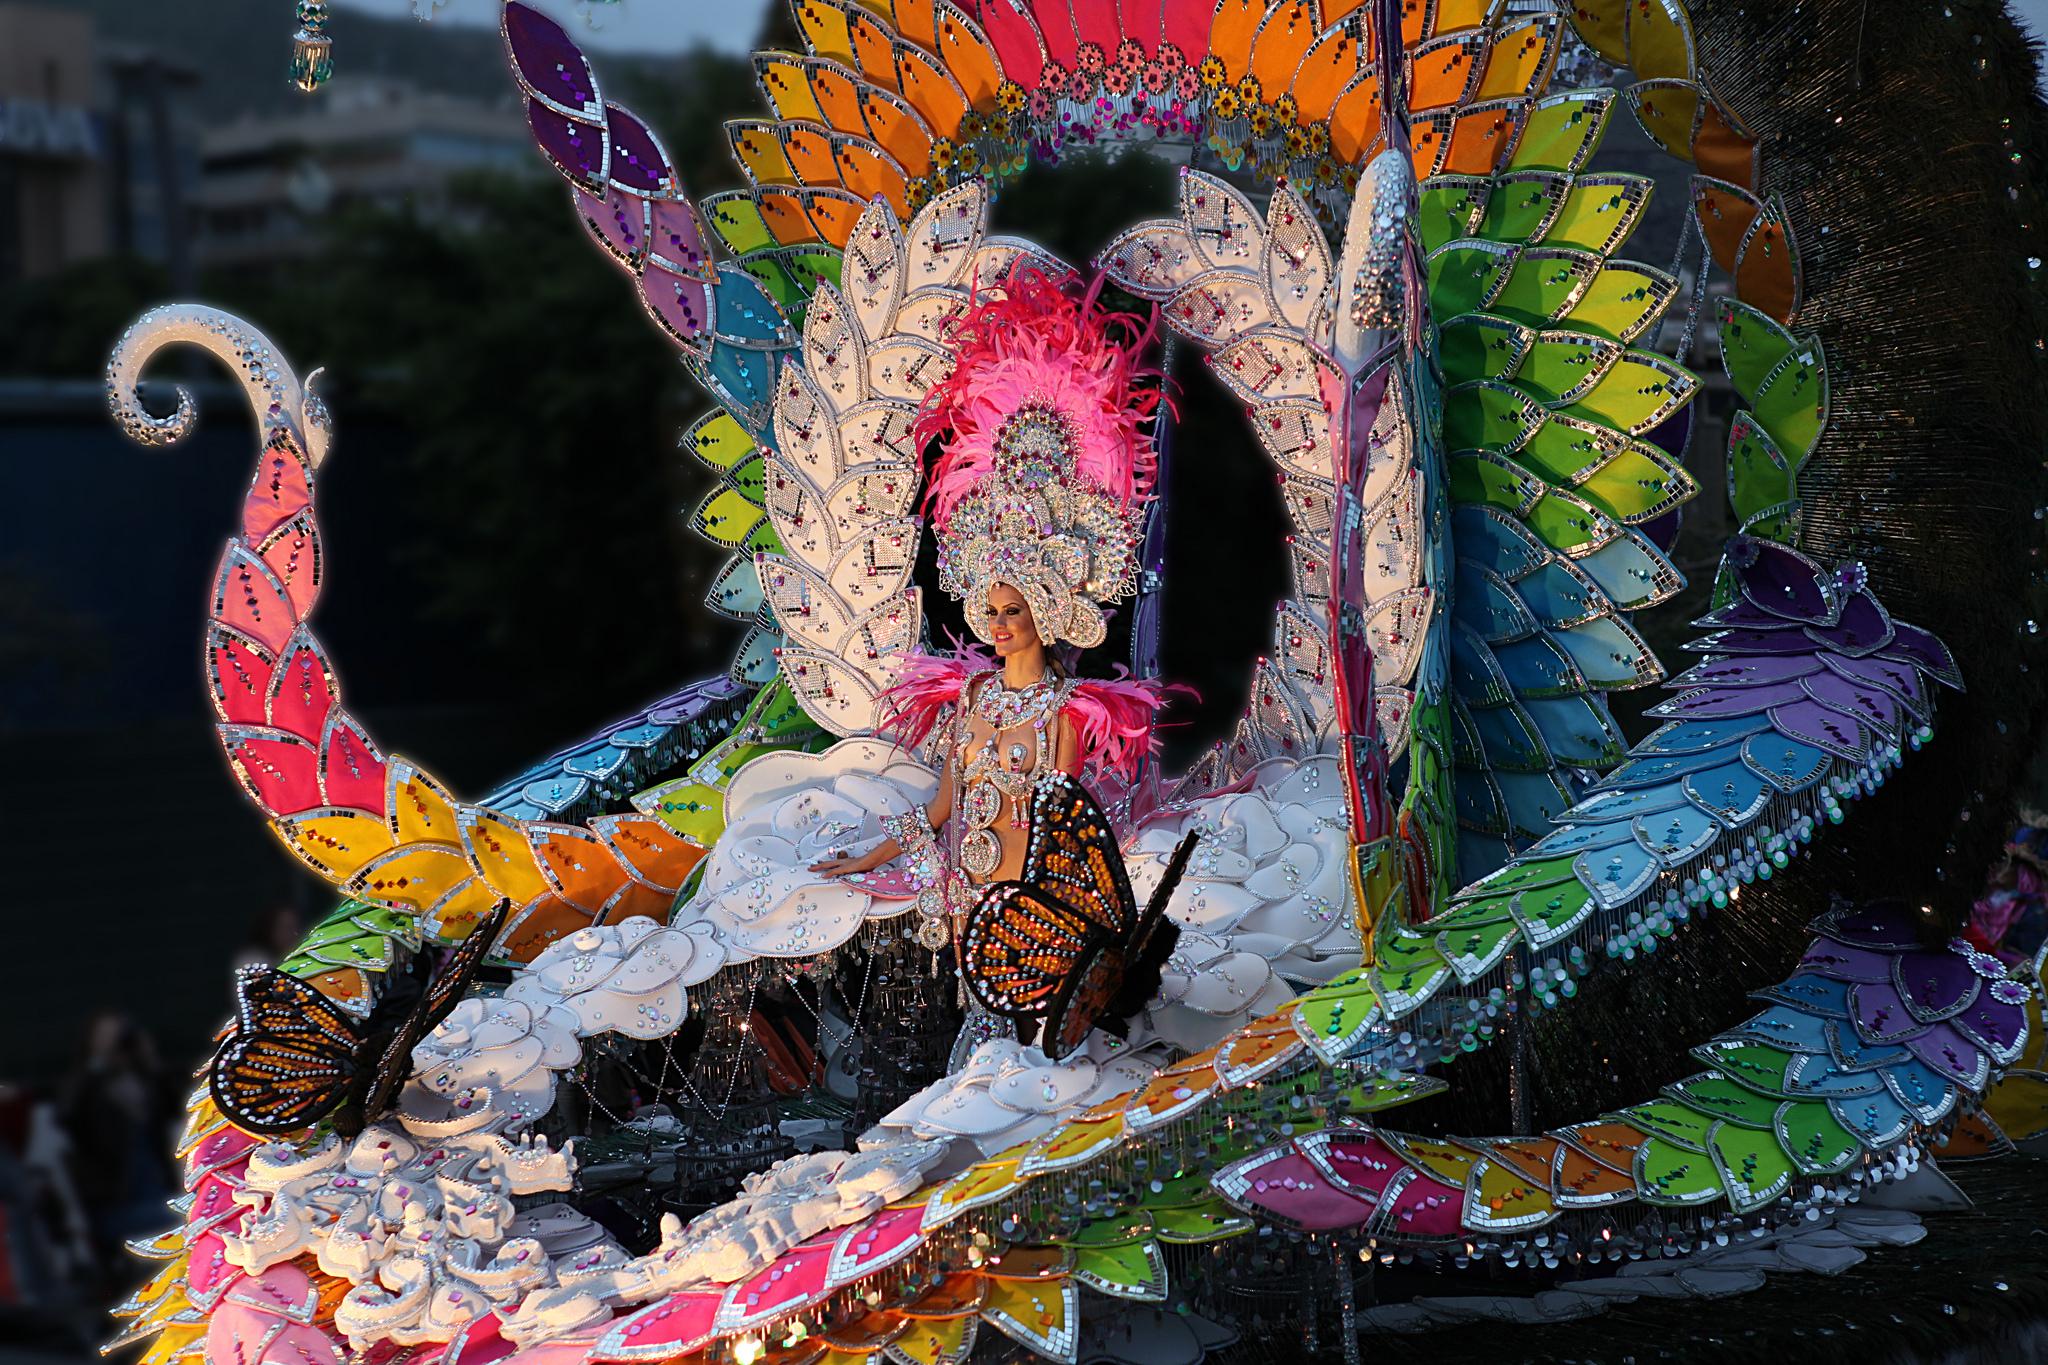 fotos carrozas carnaval de santa cruz de tenerife carnavales 2016 2017 2015 pictures Carnaval-de-Tenerife